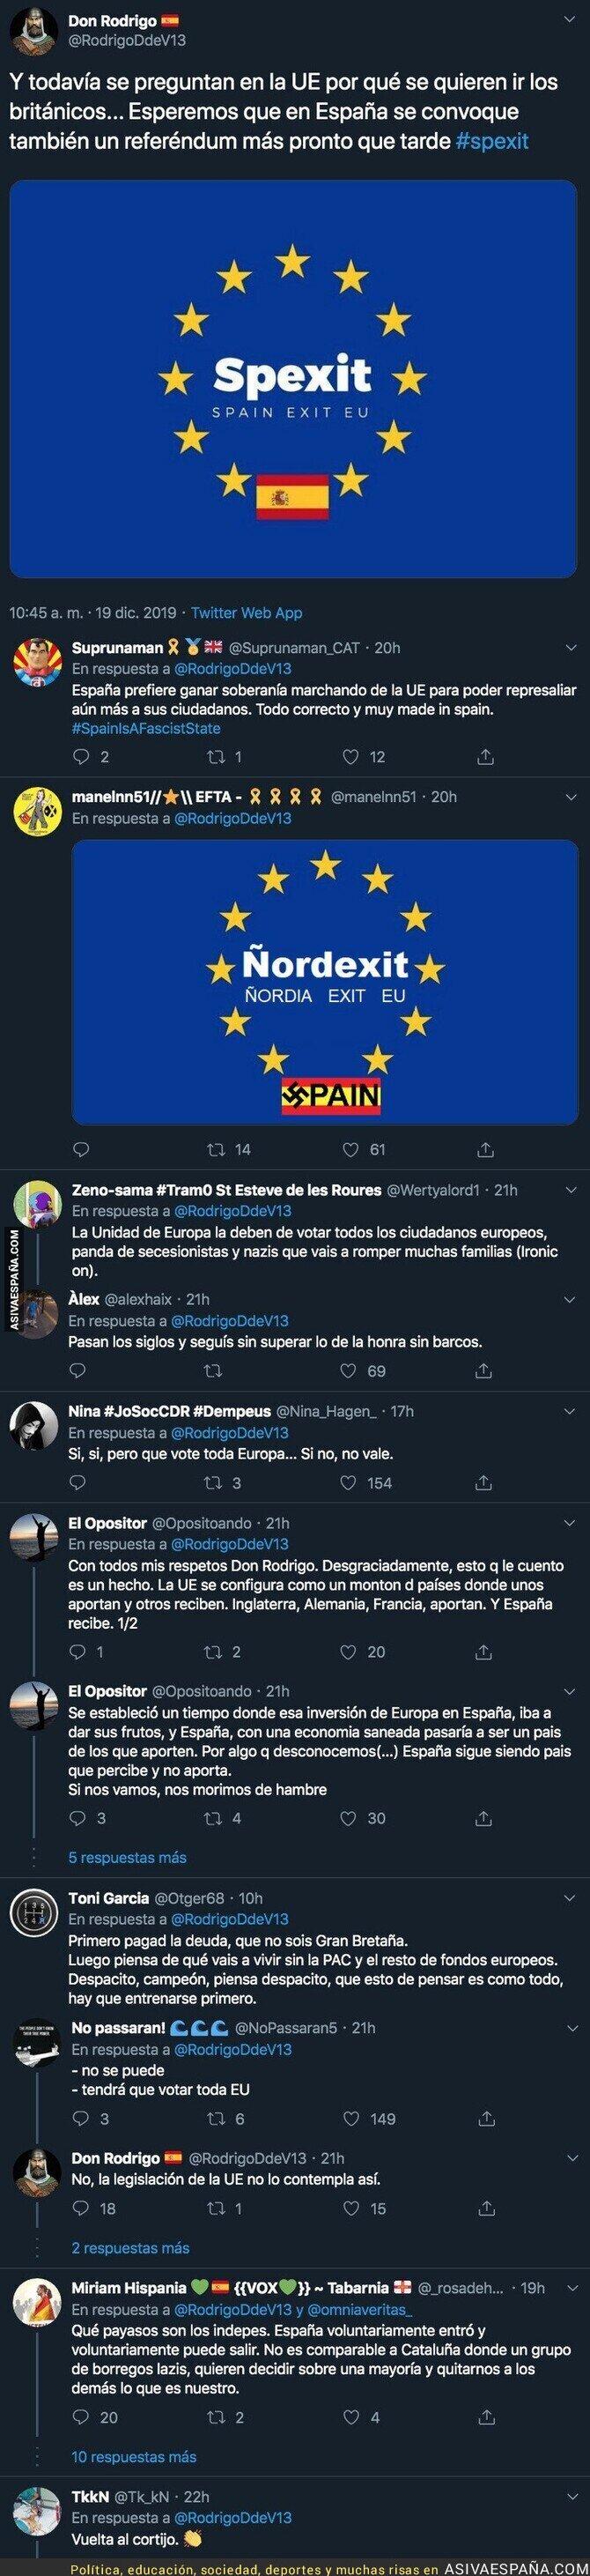 130017 - Piden que España se vaya de la Unión Europea por darle inmunidad a Junqueras y le dan un gran repaso en las respuestas